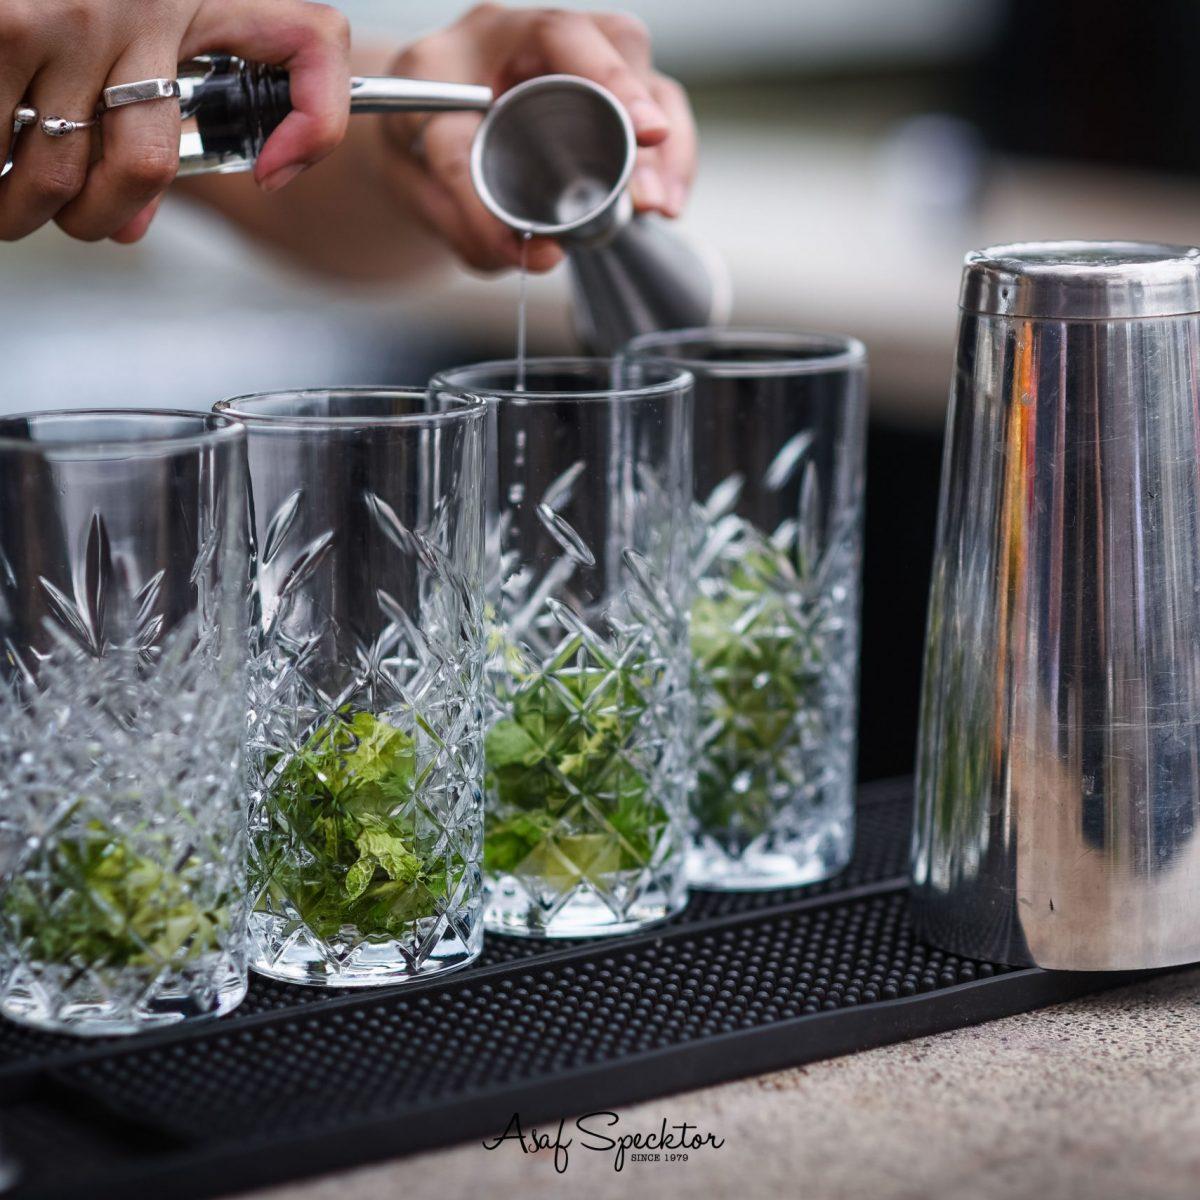 בר סורה מרה, ברמנית מוזג שתיה - Suramara BAR a barlady is pouring a drink